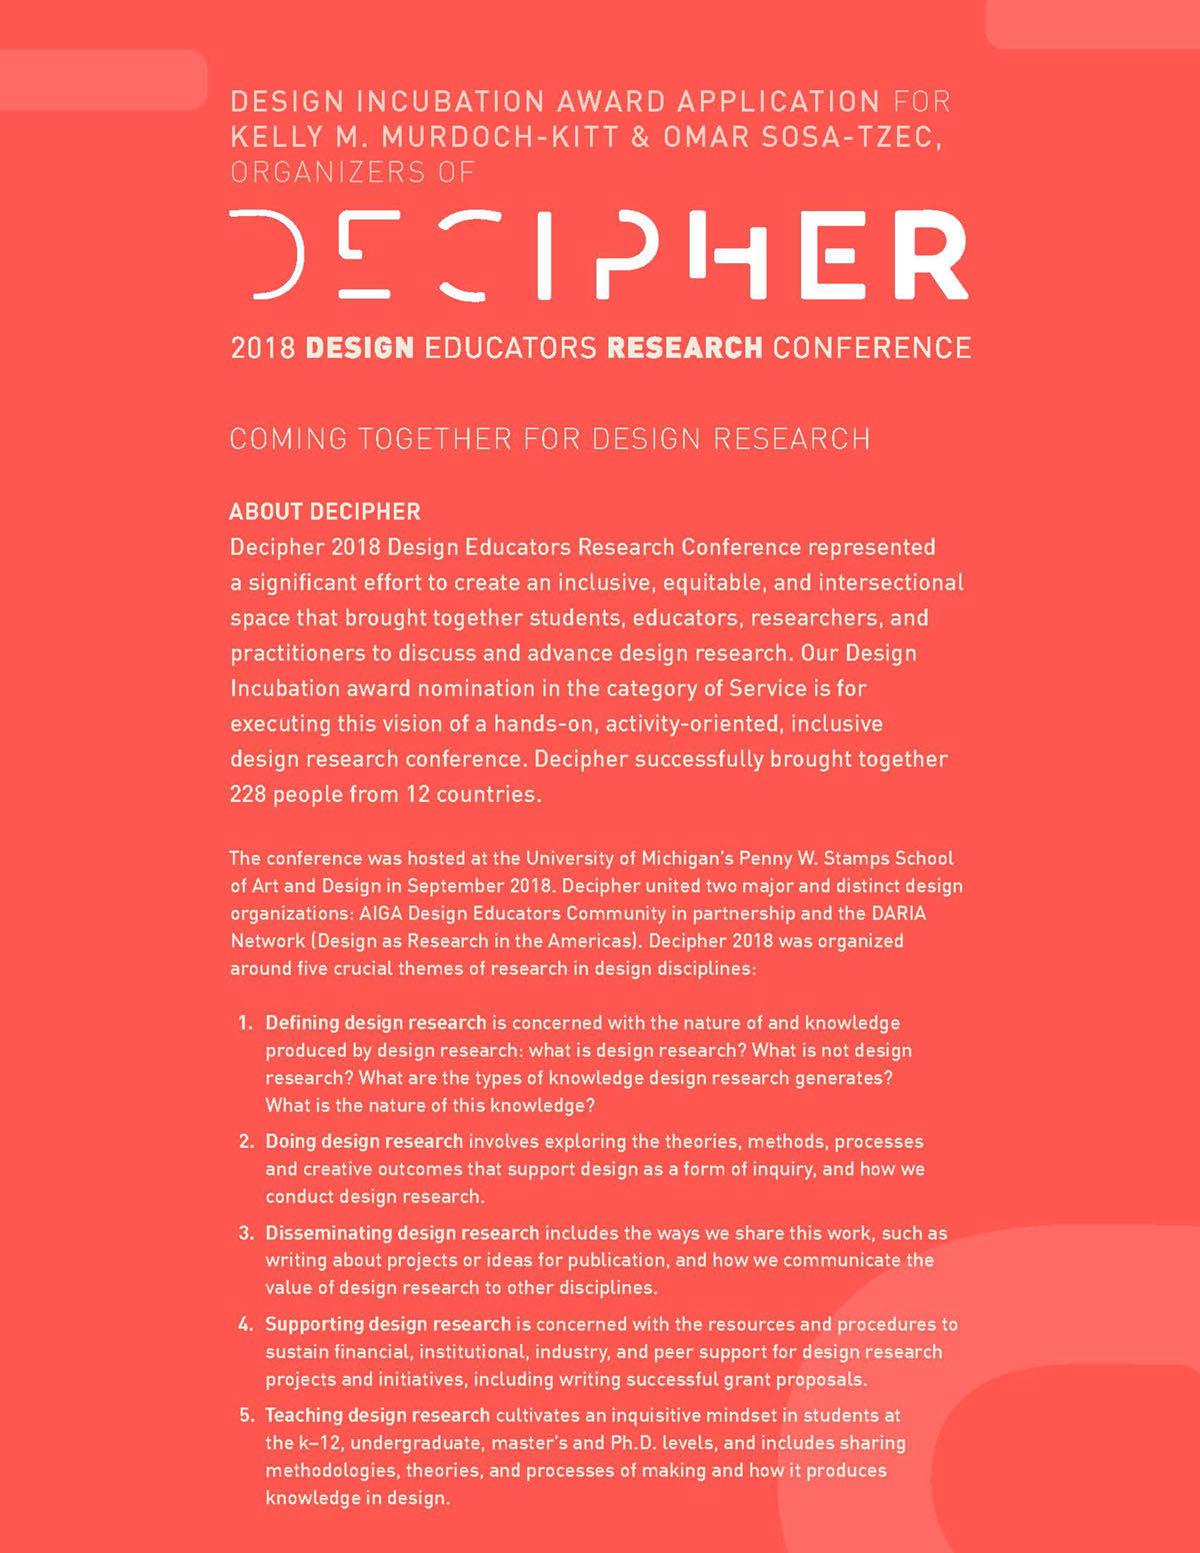 Decipher 2018